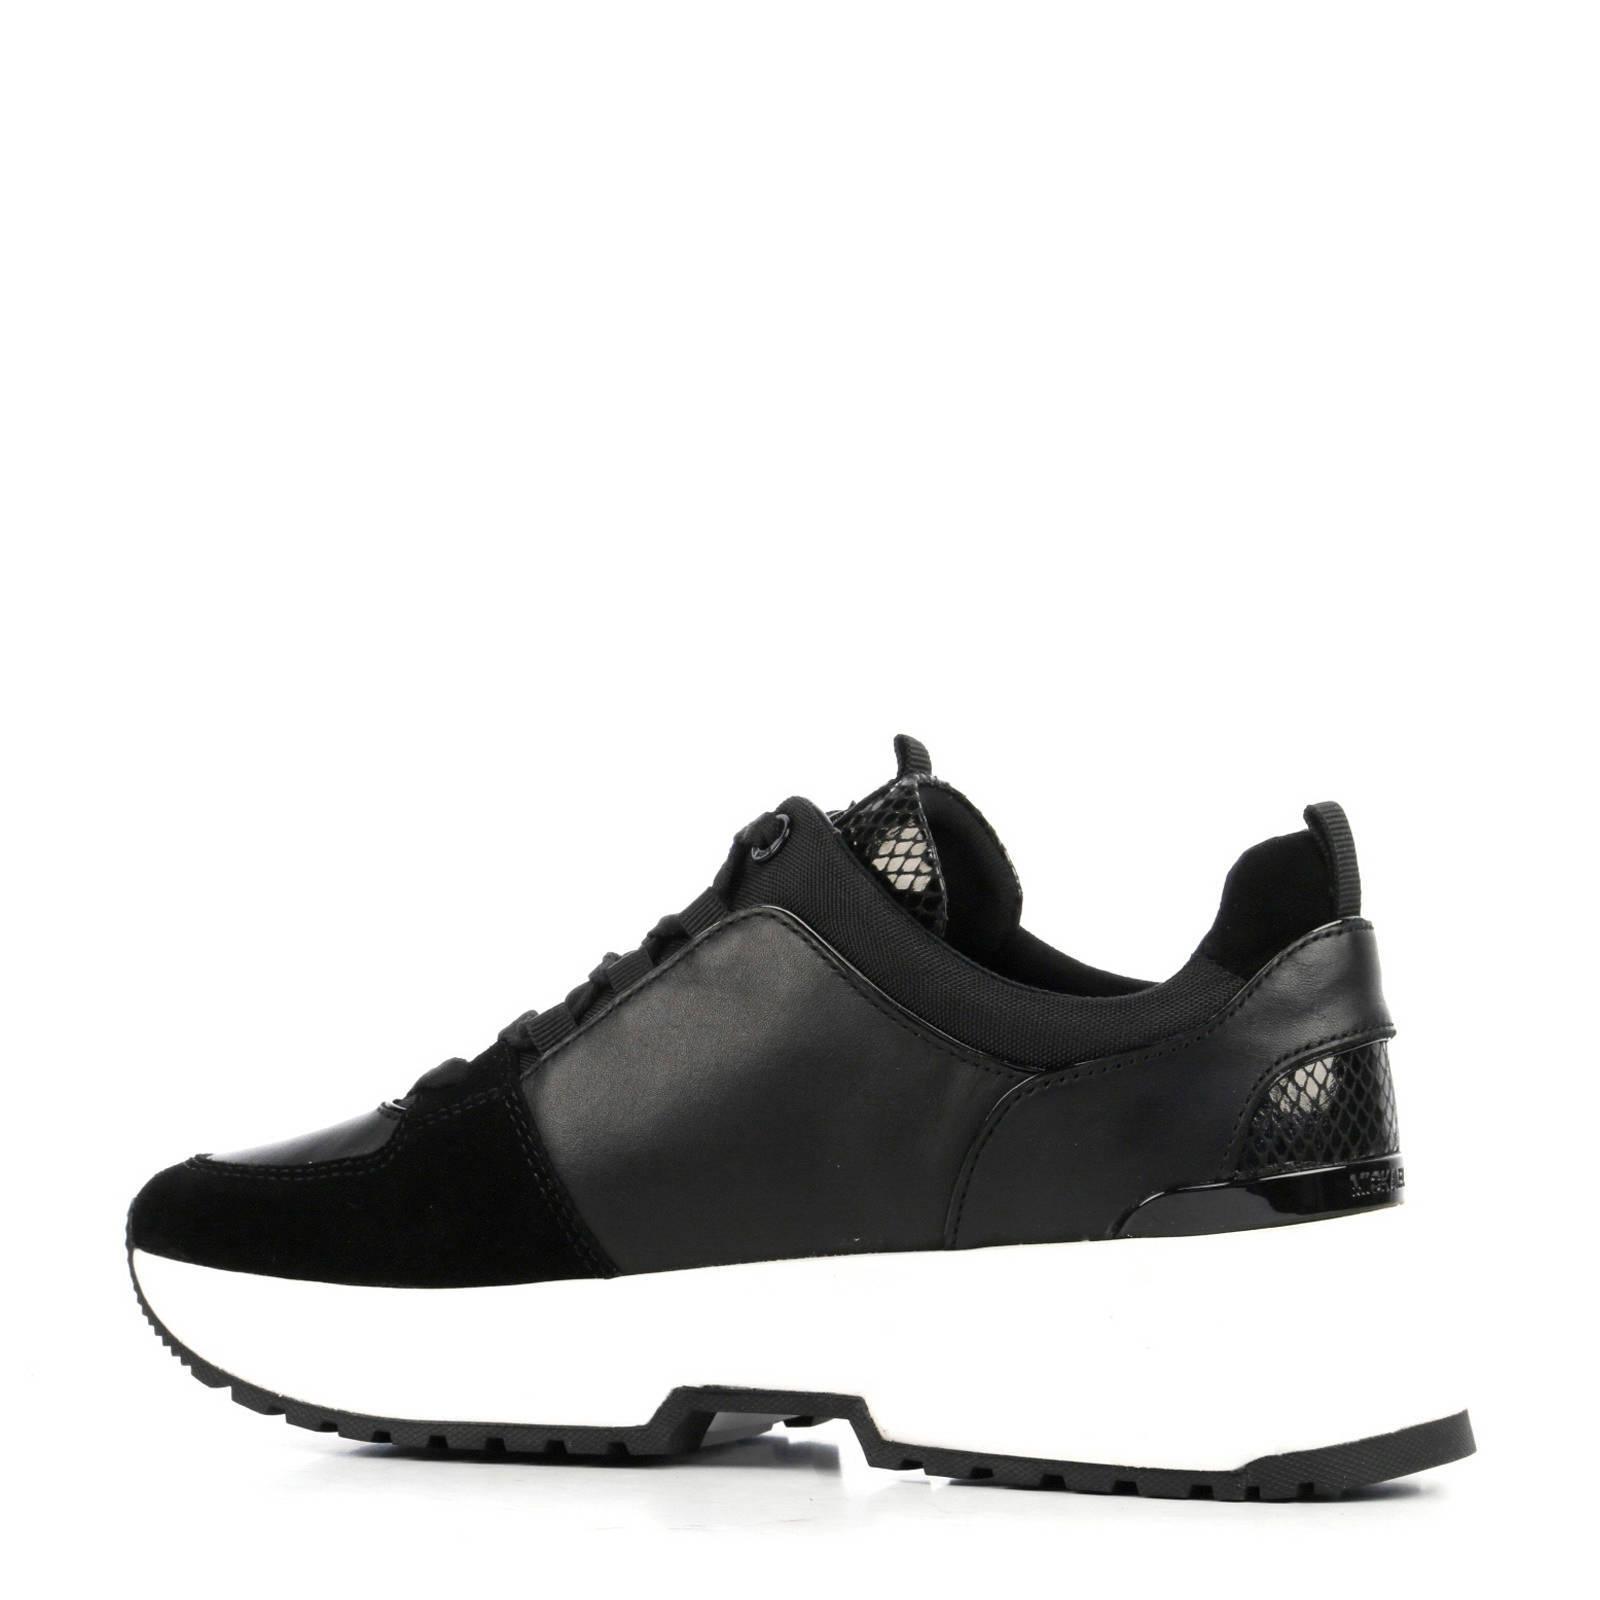 Sneakers Michael Zwart Leren Kors wk80OnP